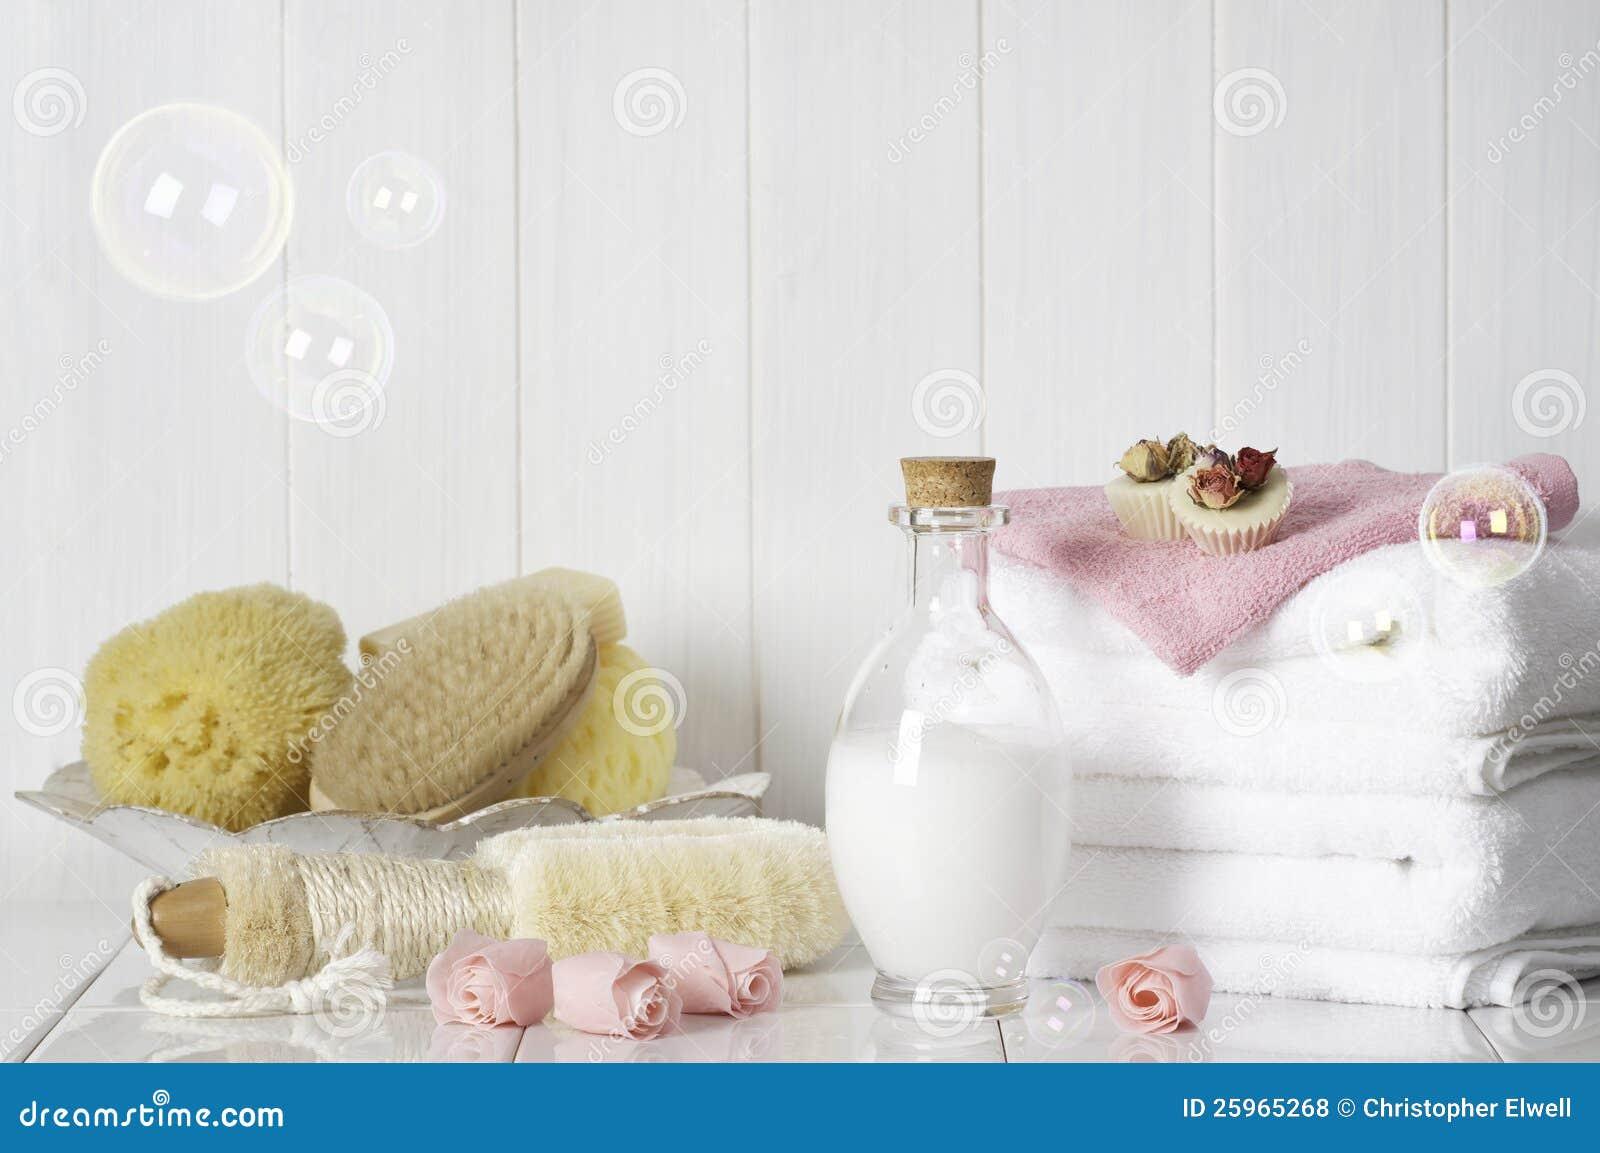 Badekurort-Produkte